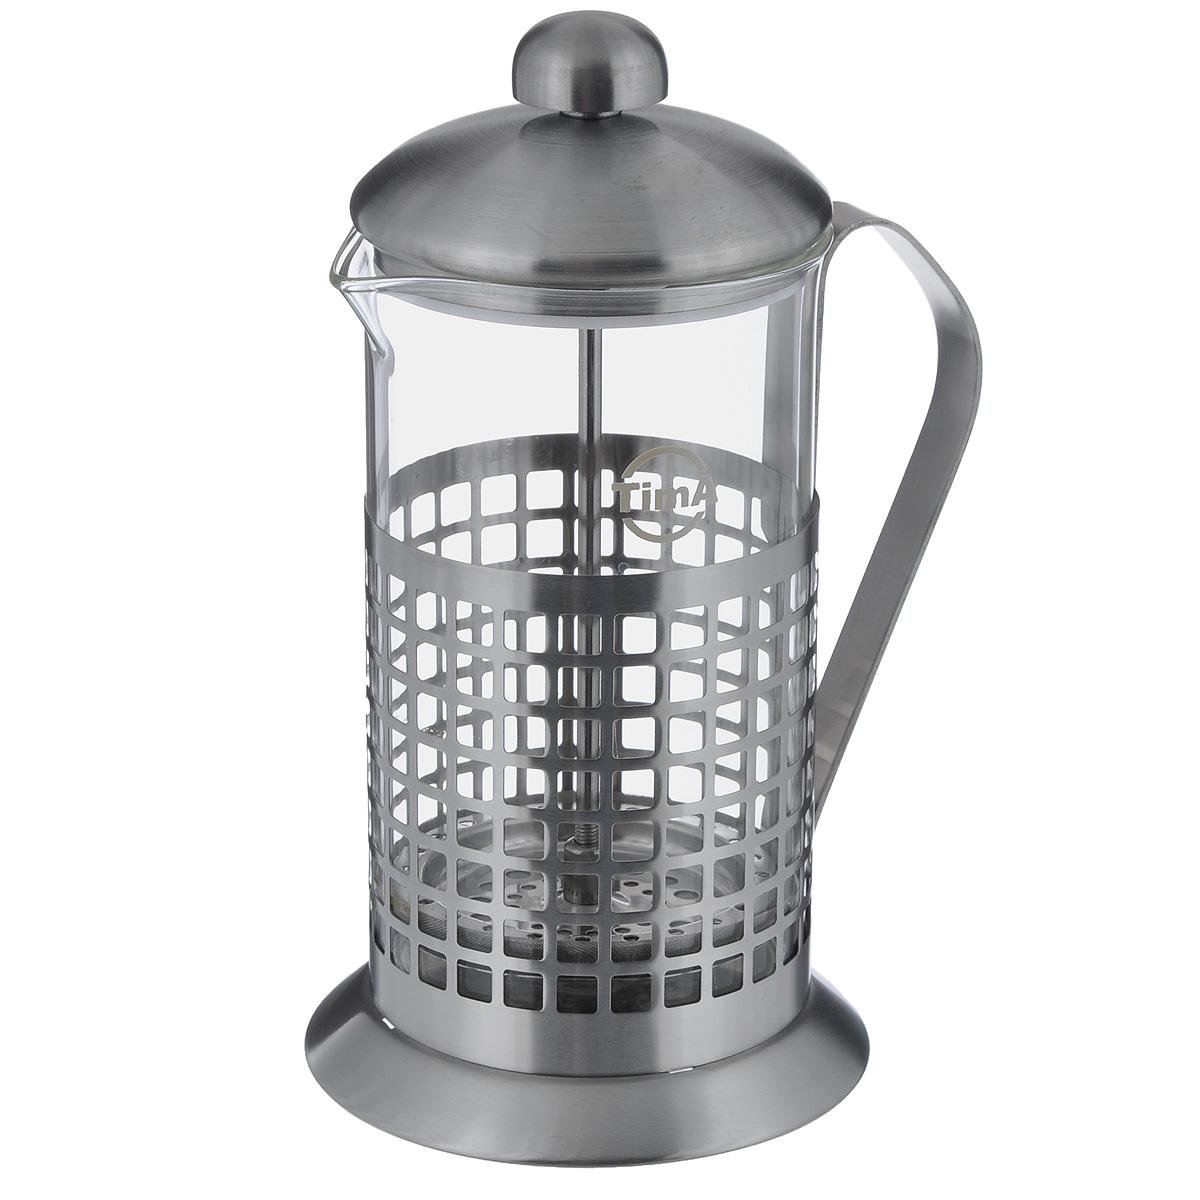 Чайник заварочный TimA Бисквит, 600 мл54 009303Чайник заварочный TimA Бисквит выполнен в виде френч-пресса и представляет собой гибрид заварочного чайника и кофейника. Колба выполнена из жаропрочного стекла, корпус, крышка и поршень изготовлены из нержавеющей стали. Изделие легко разбирается и моется. Прозрачные стенки чайника дают возможность наблюдать за насыщением напитка, а поршень позволяет с легкостью отжать самый сок от заварки и получить напиток с насыщенным вкусом. Заварочный чайник - постоянно используемый предмет посуды, который необходим на каждой кухне. Френч-пресс TimA Бисквит займет достойное место среди аксессуаров на вашей кухне. Можно мыть в посудомоечной машине. Диаметр (по верхнему краю): 9 см. Высота чайника (с крышкой): 21 см. Объем: 600 мл.